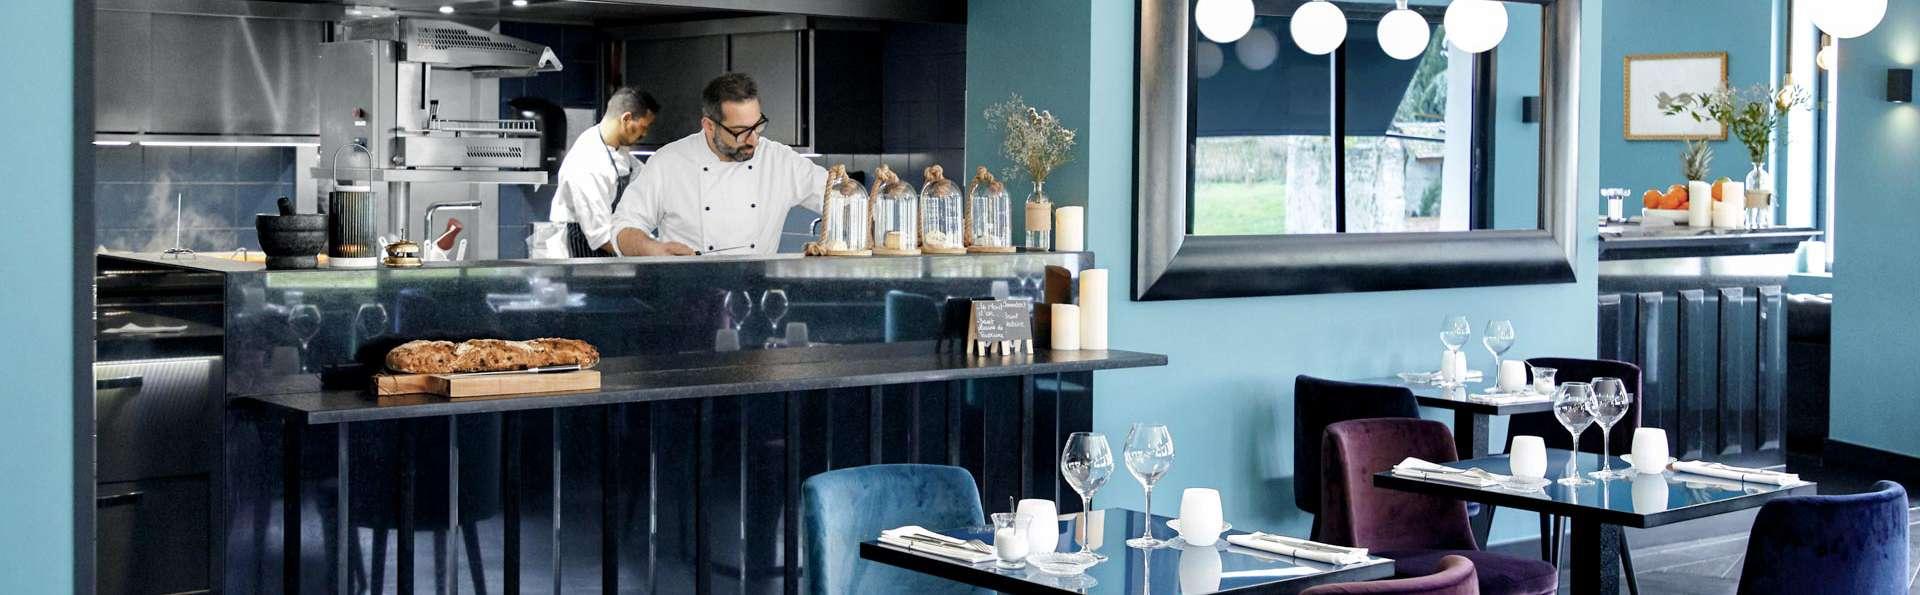 Hôtel Restaurant Bel Ami 4   Pacy sur Eure, France